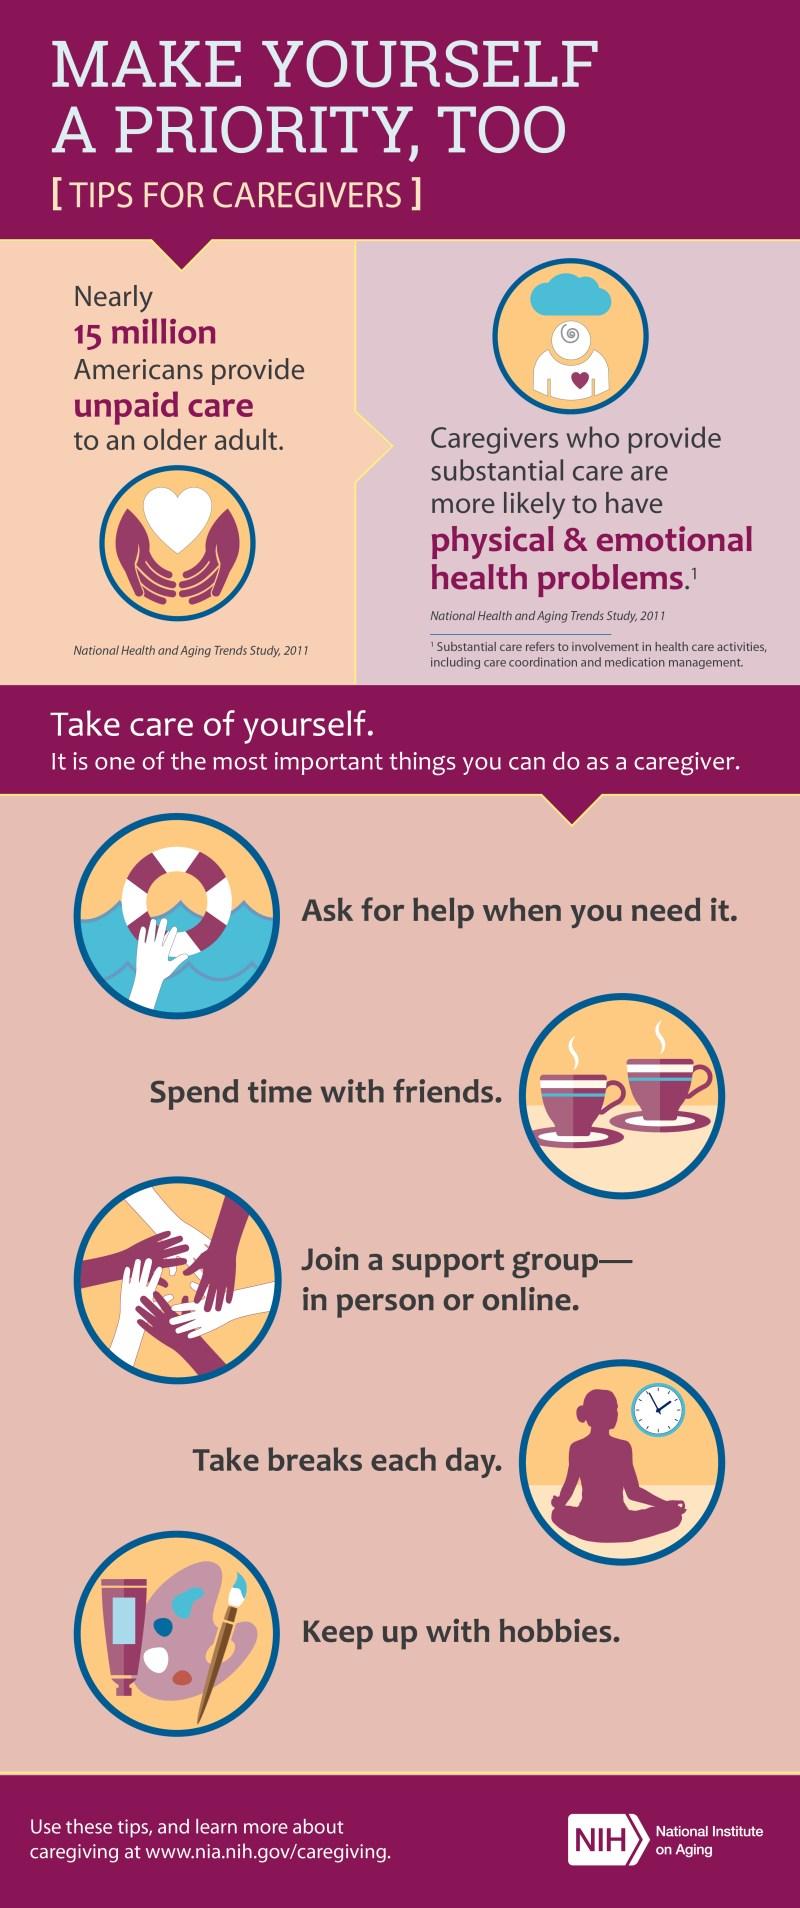 QUE.com.nia_tips-for-caregivers_infographic.nia.nih.gov.web